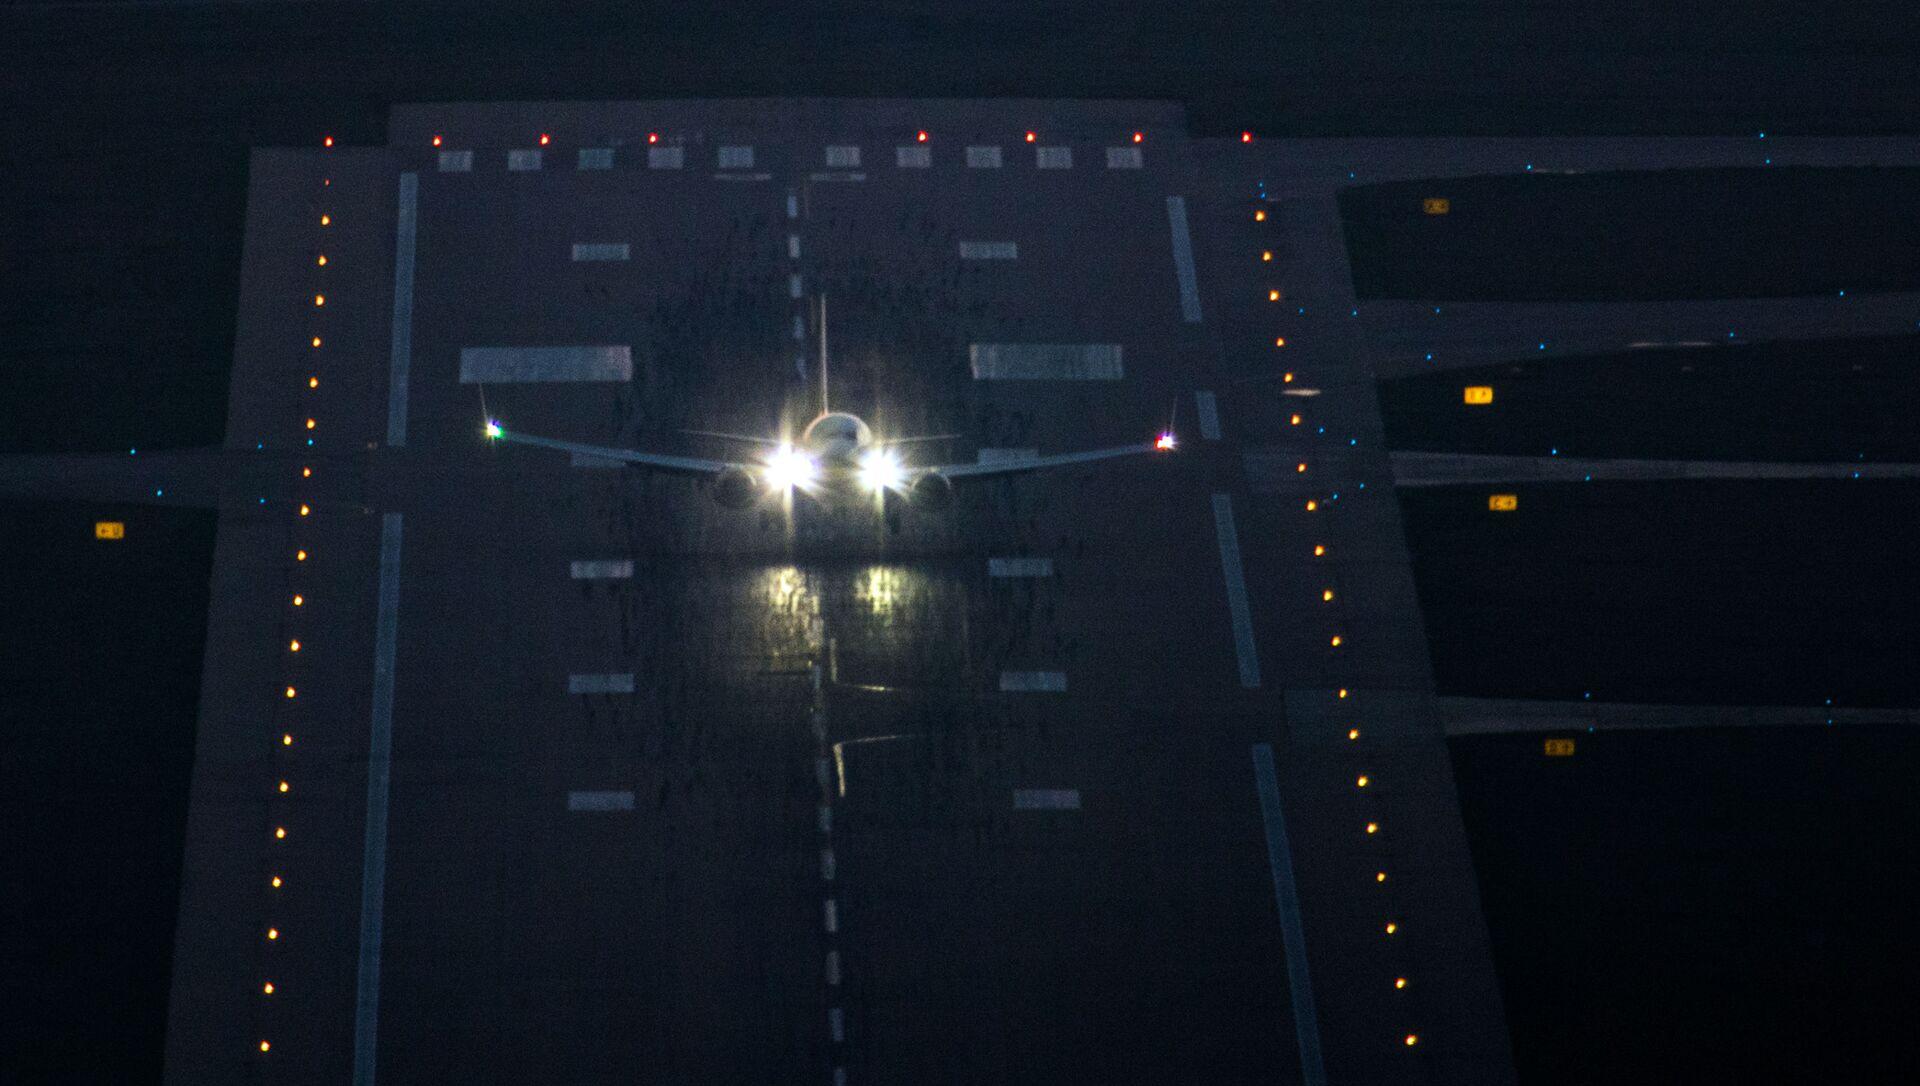 Un aereo sulla pista di atterraggio in aeroporto - Sputnik Italia, 1920, 17.03.2021